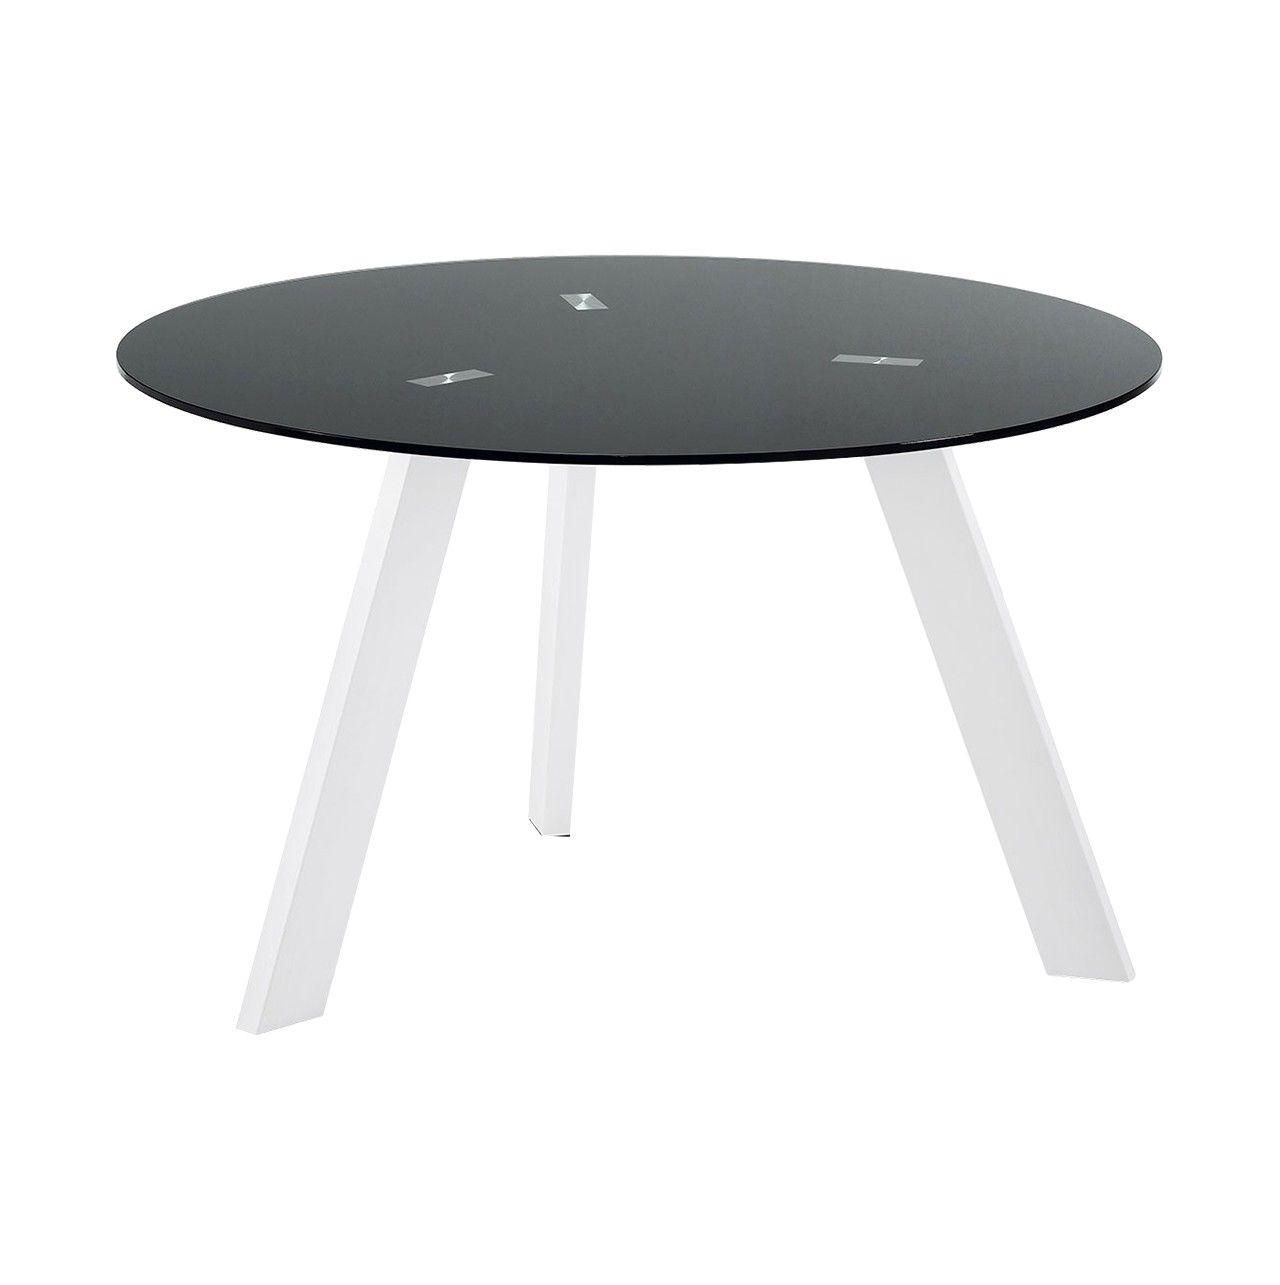 Mesa de #comedor #redonda de cristal #negro con patas color blanco ...